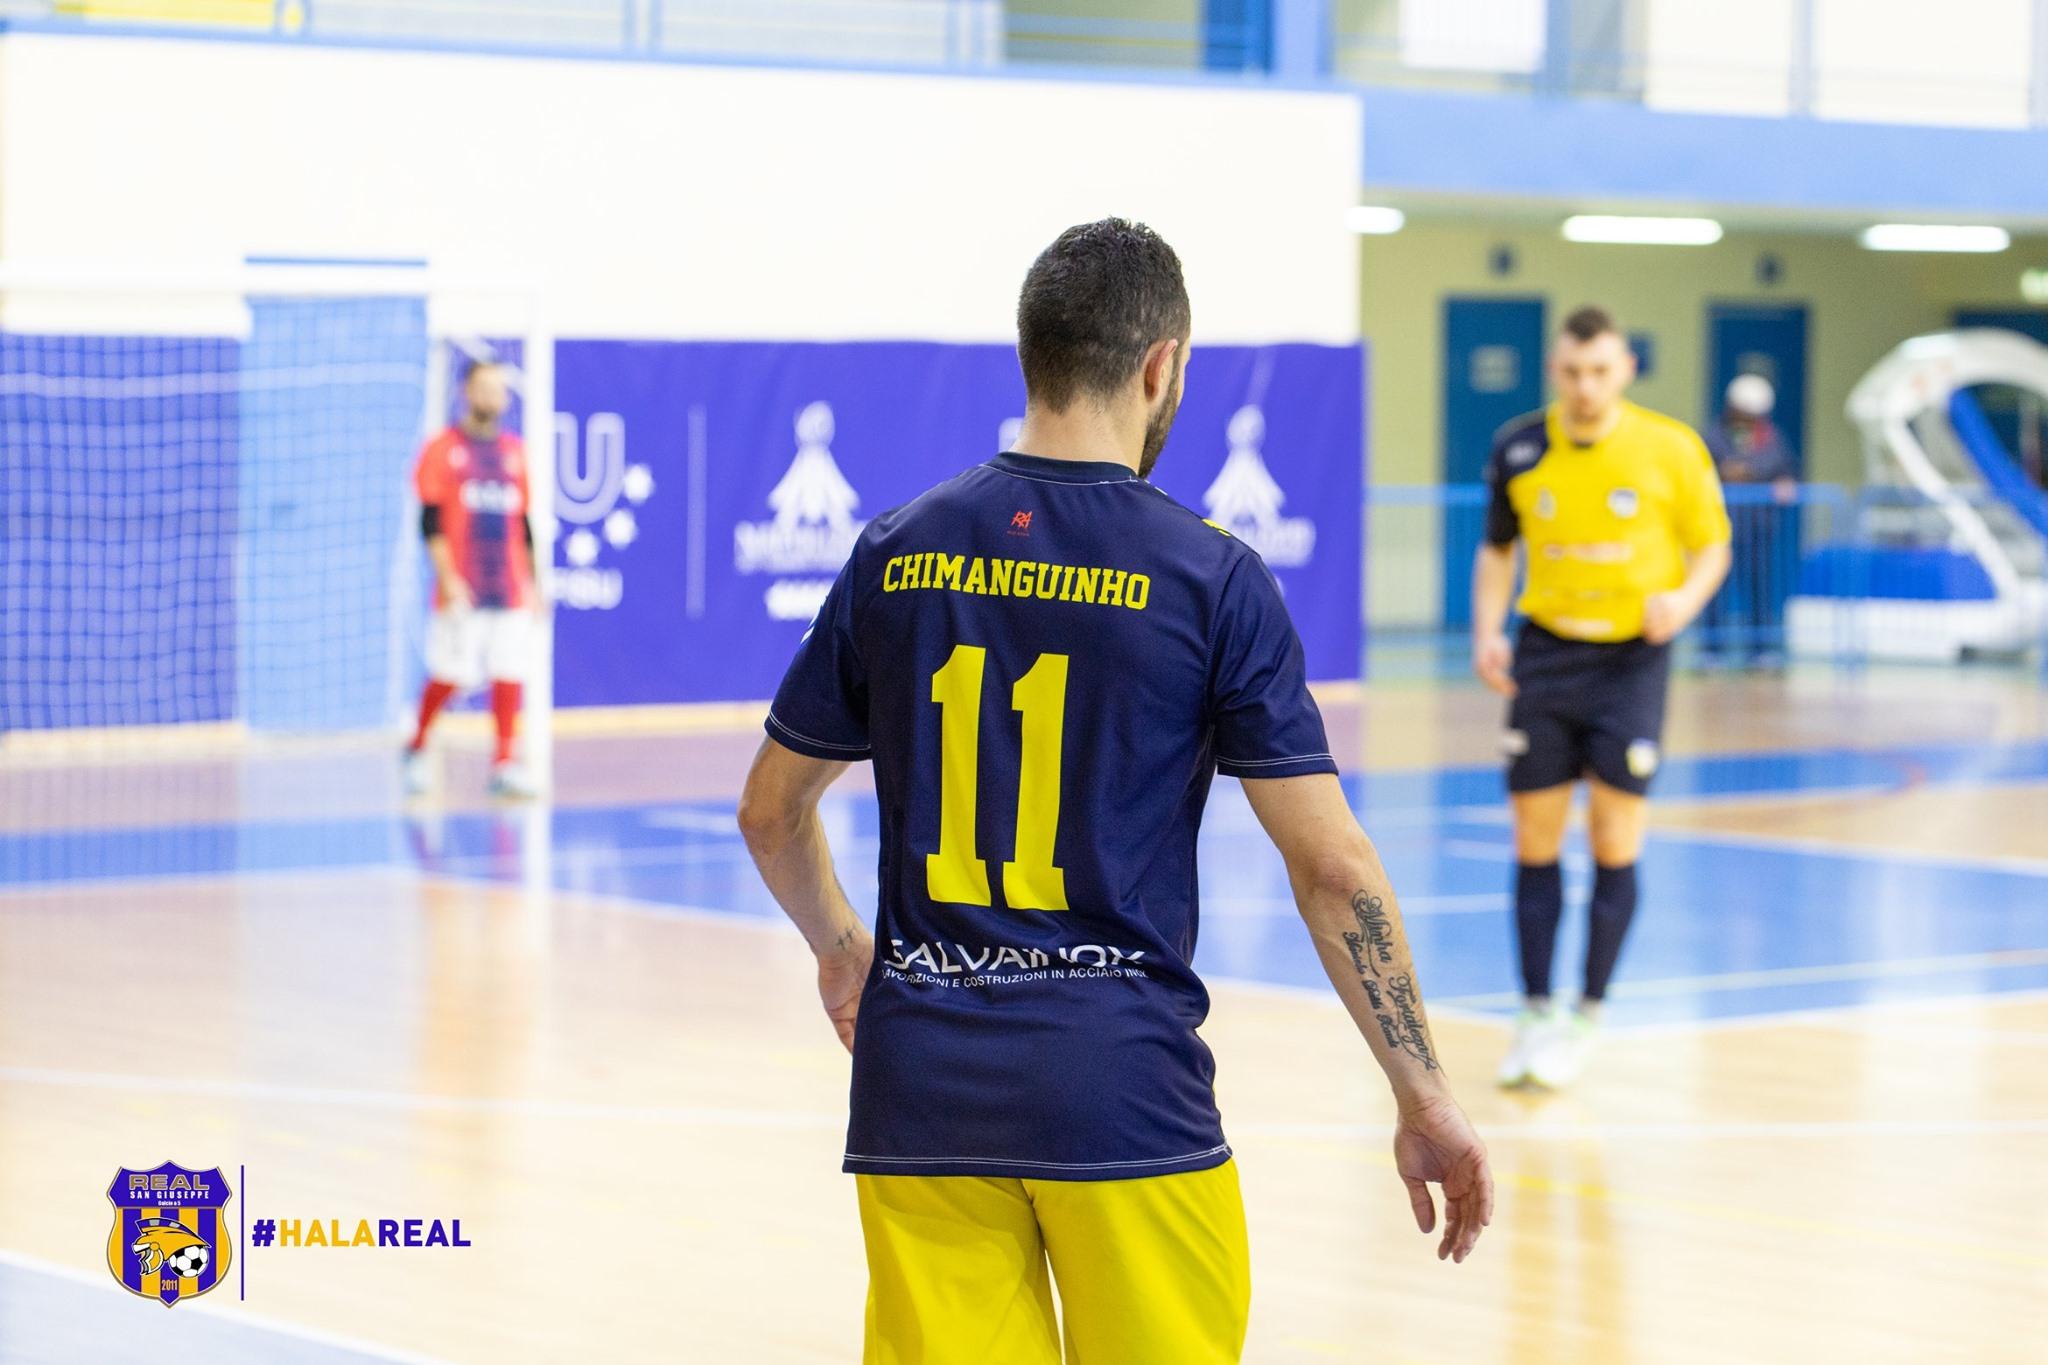 Leandro Chimanguinho, quattro gol ieri contro la Roma